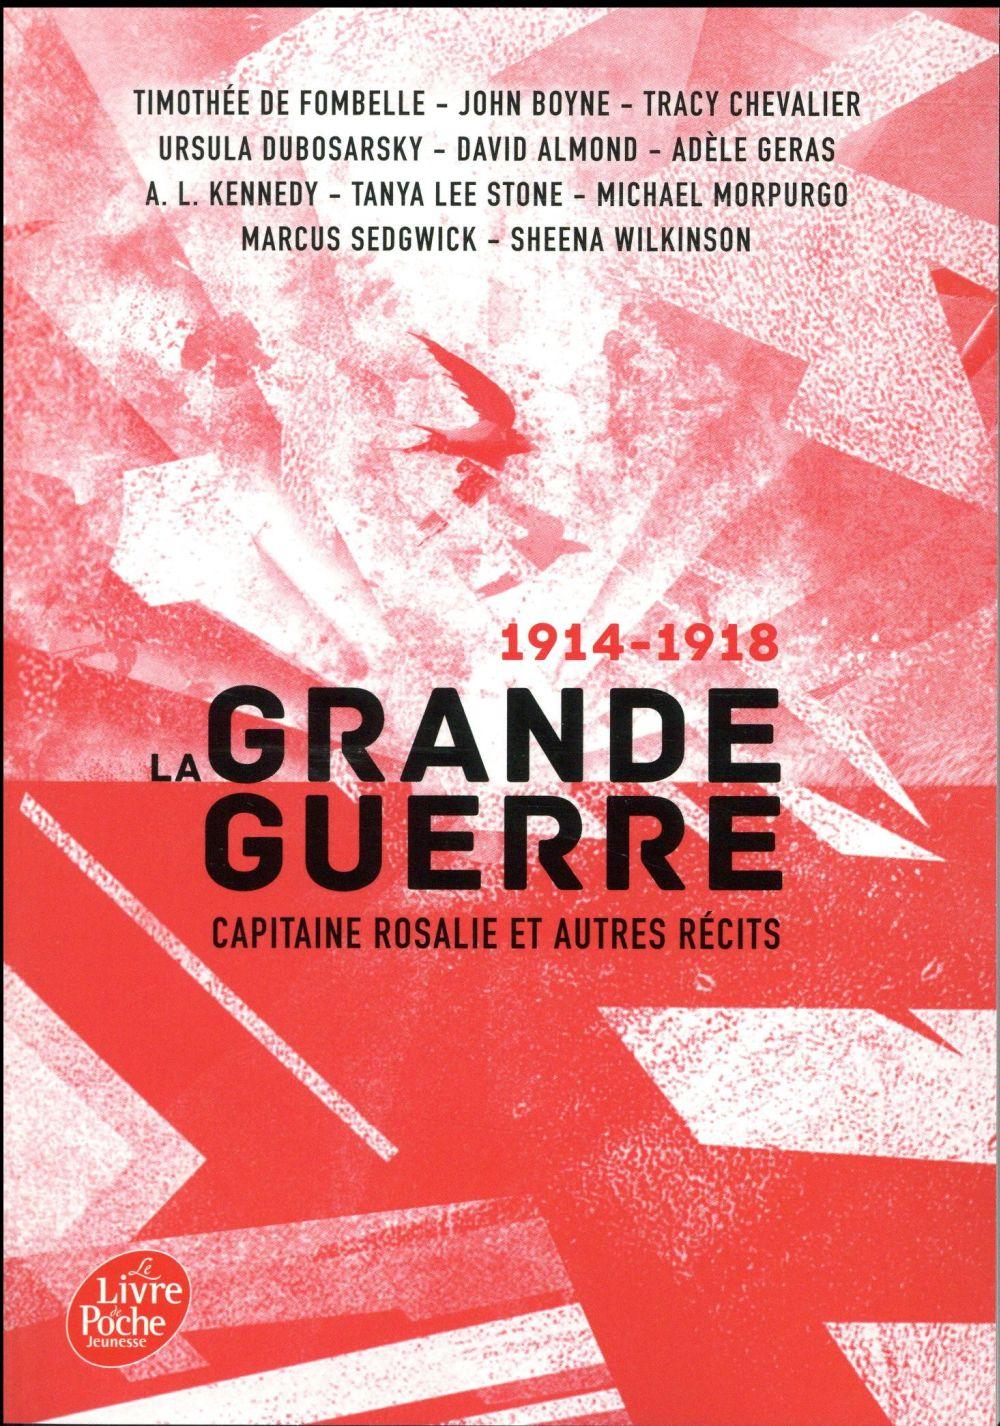 LA GRANDE GUERRE  -  CAPITAINE ROSALIE ET AUTRES RECITS